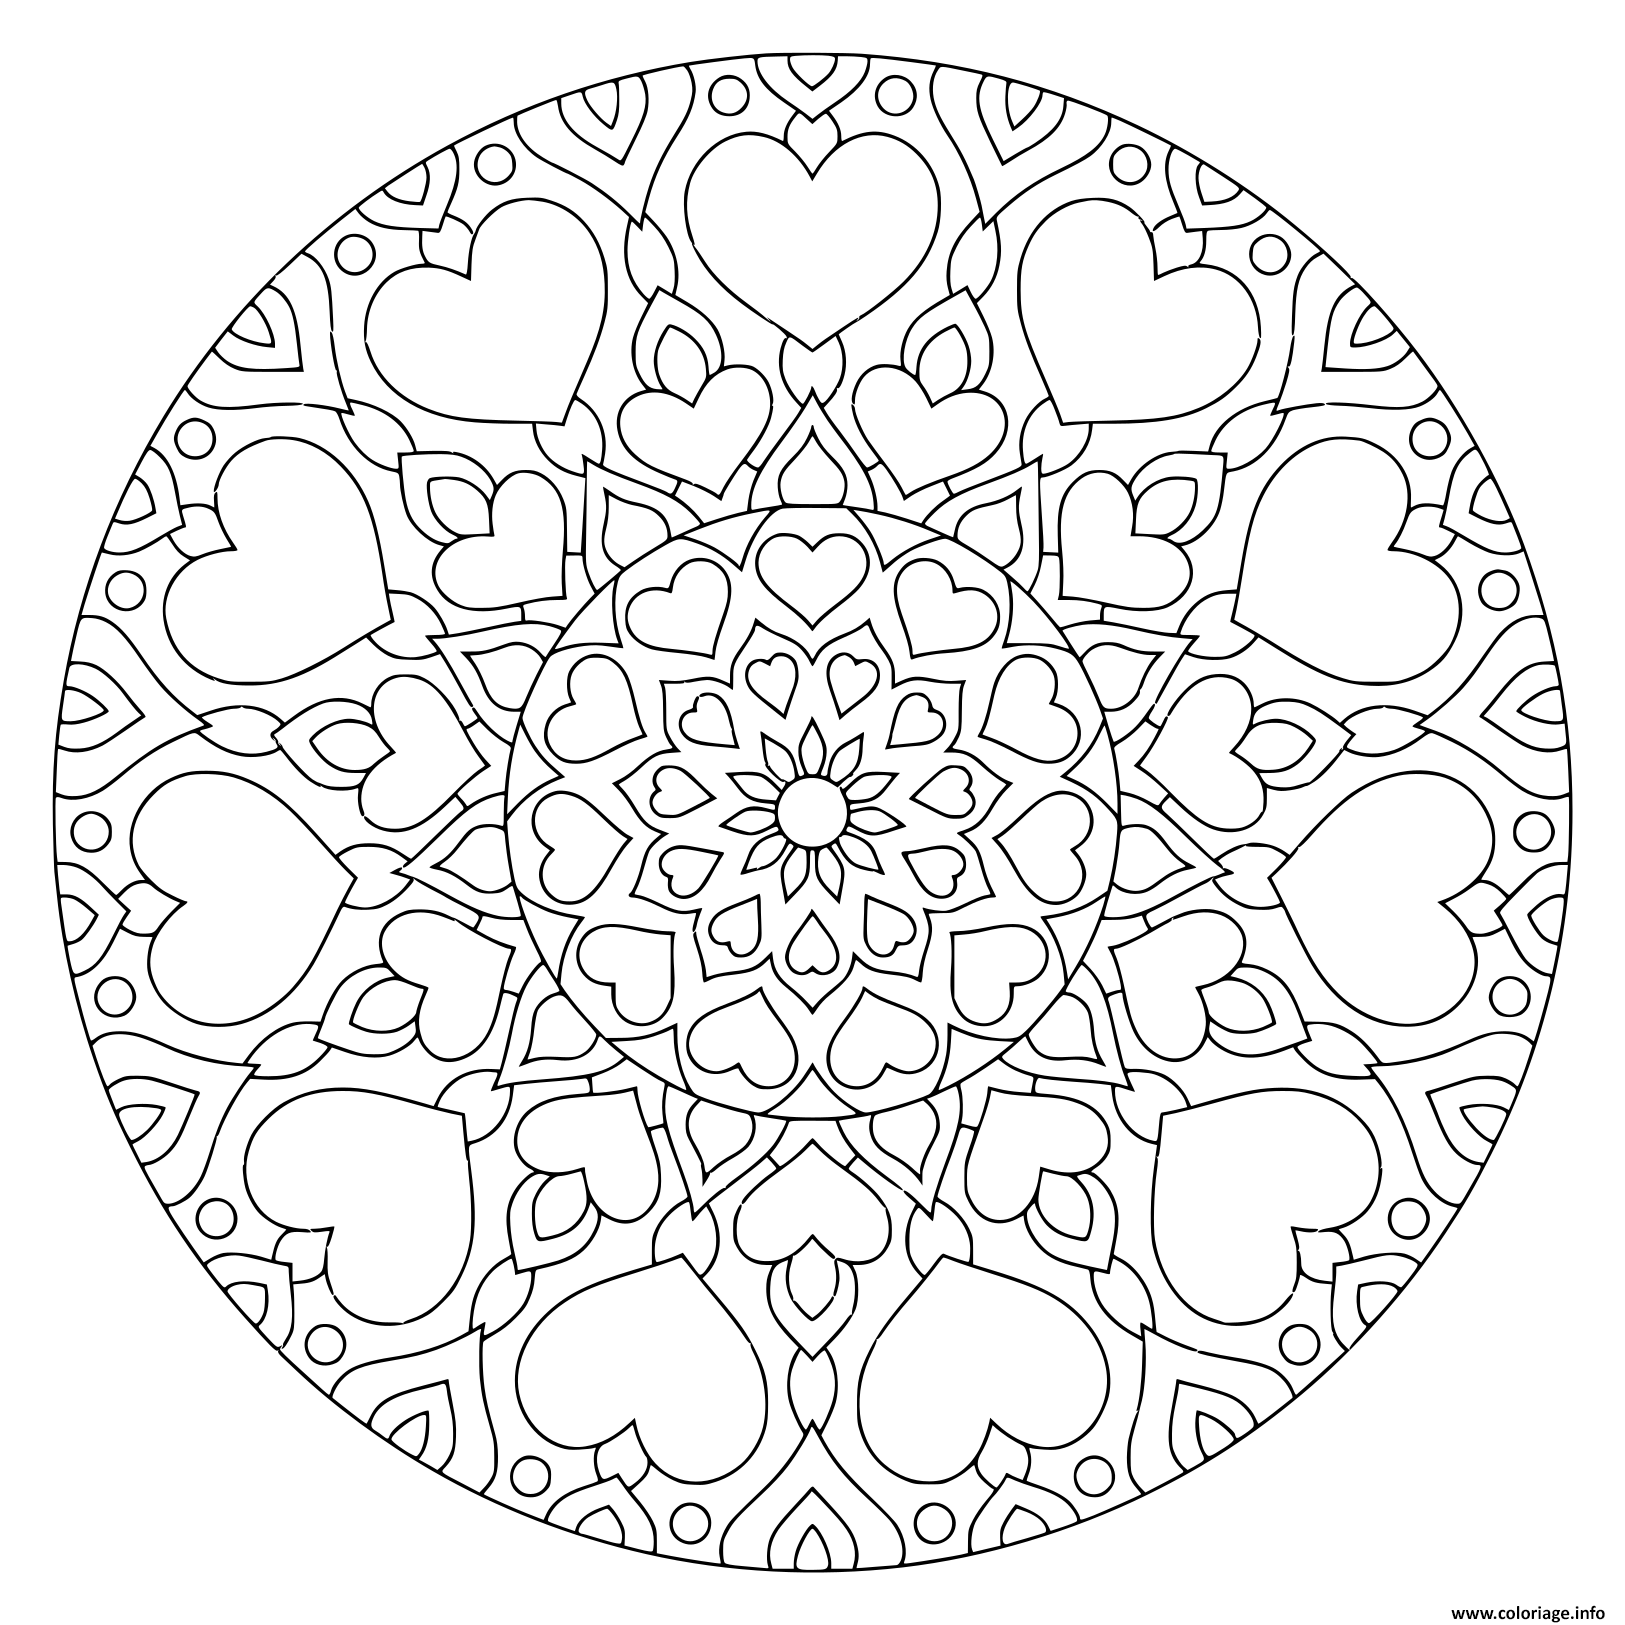 Dessin mandala avec des coeurs et fleurs Coloriage Gratuit à Imprimer